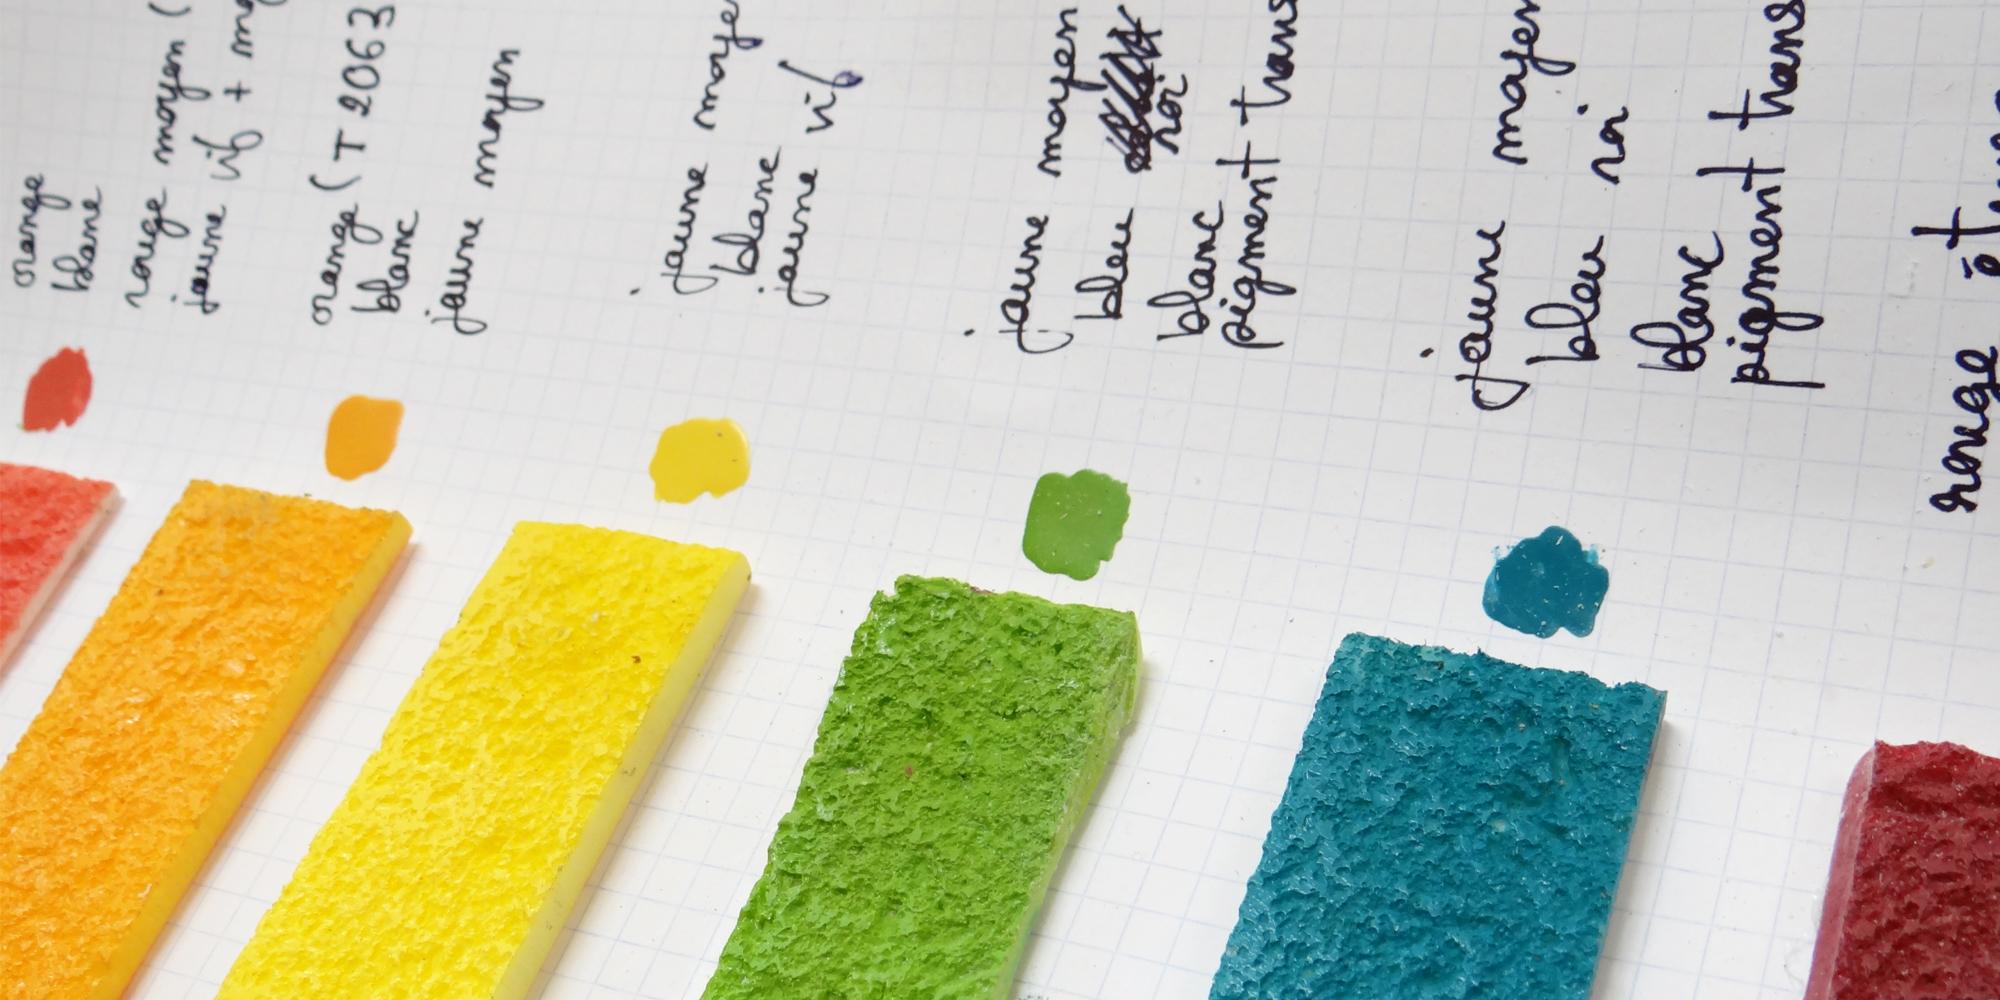 planche test de travail de recherche des couleurs sur-mesure du rainbow cake factice